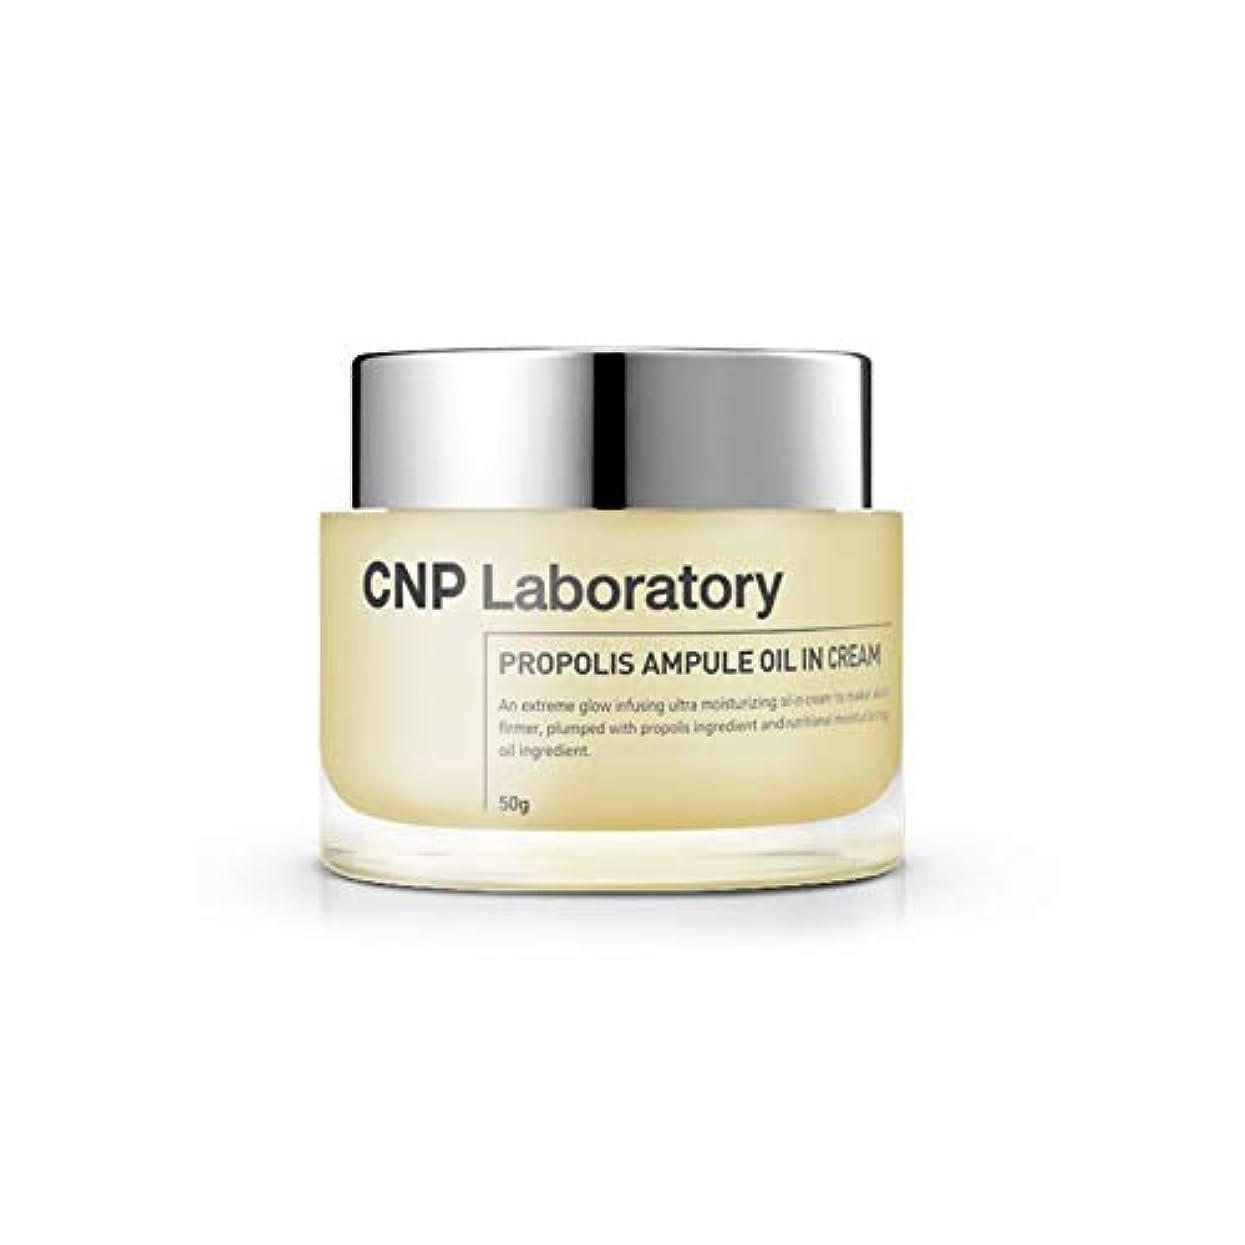 含めるセミナースマイル[CNP Laboratory] CNP チャ&パク プロポリスアンプルオイルインクリーム 50g [海外直送品][並行輸入品]